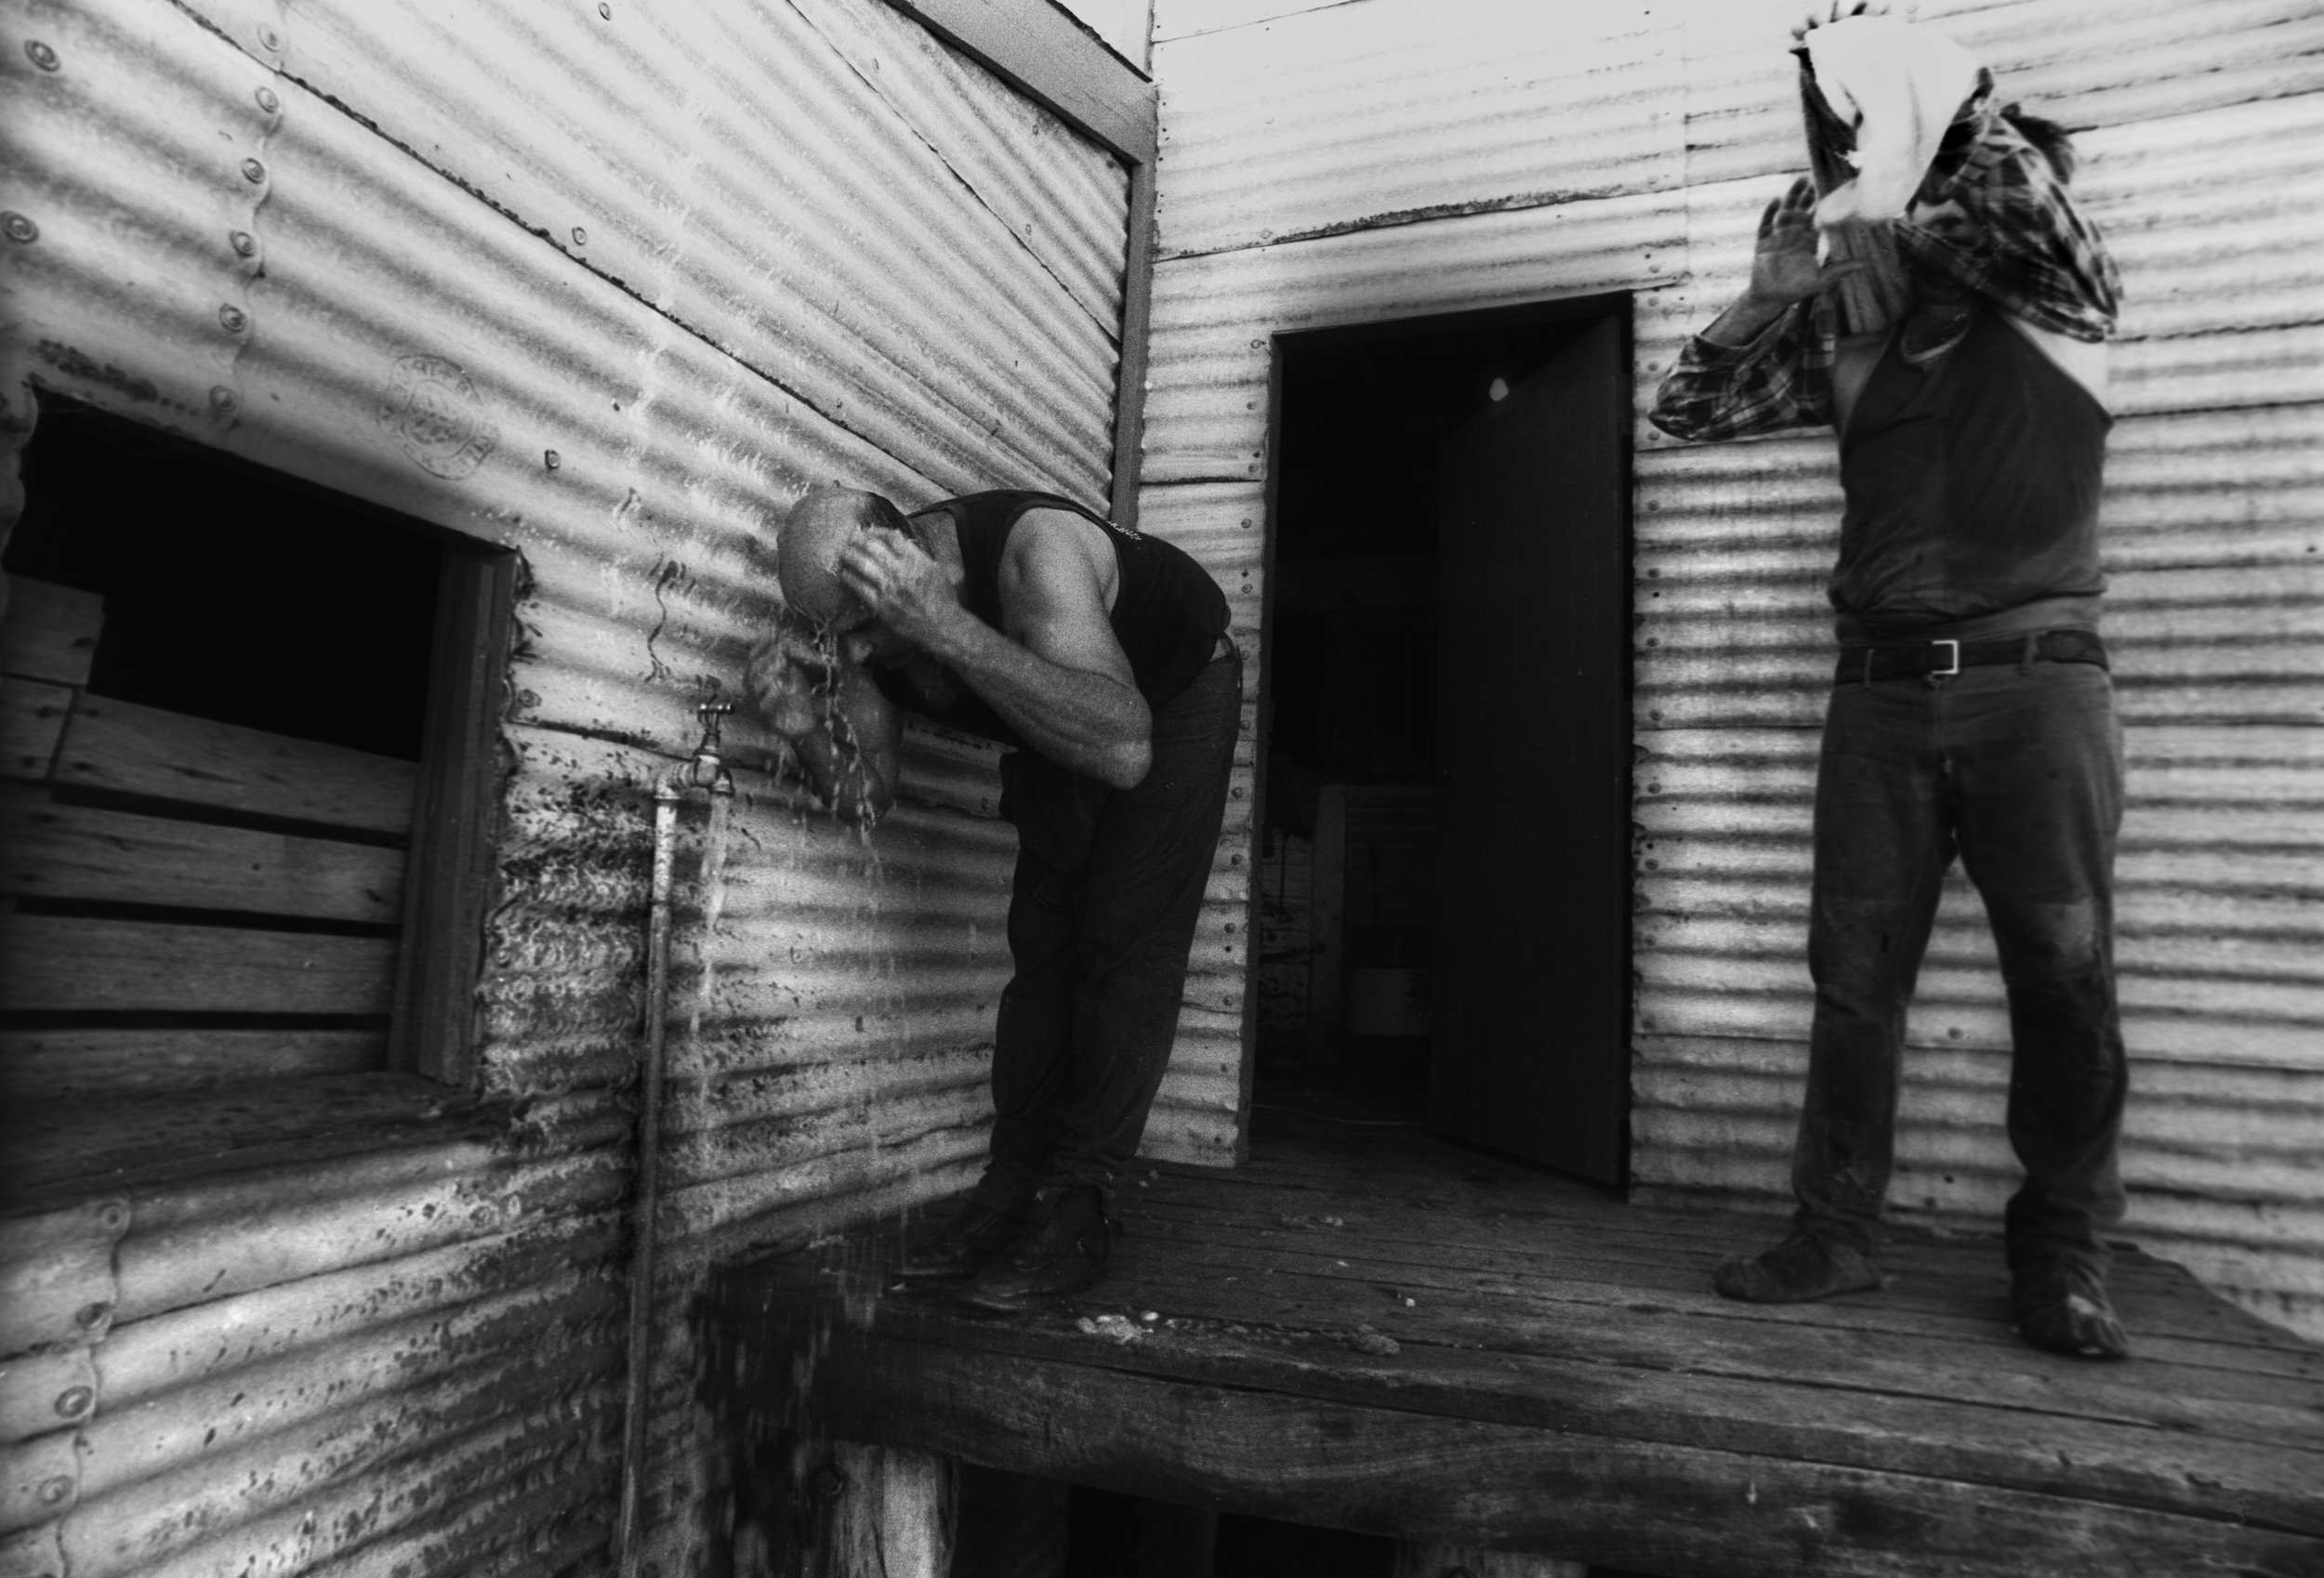 Washing before 'Smoko' (break) Outback QLD, Australia. 1997